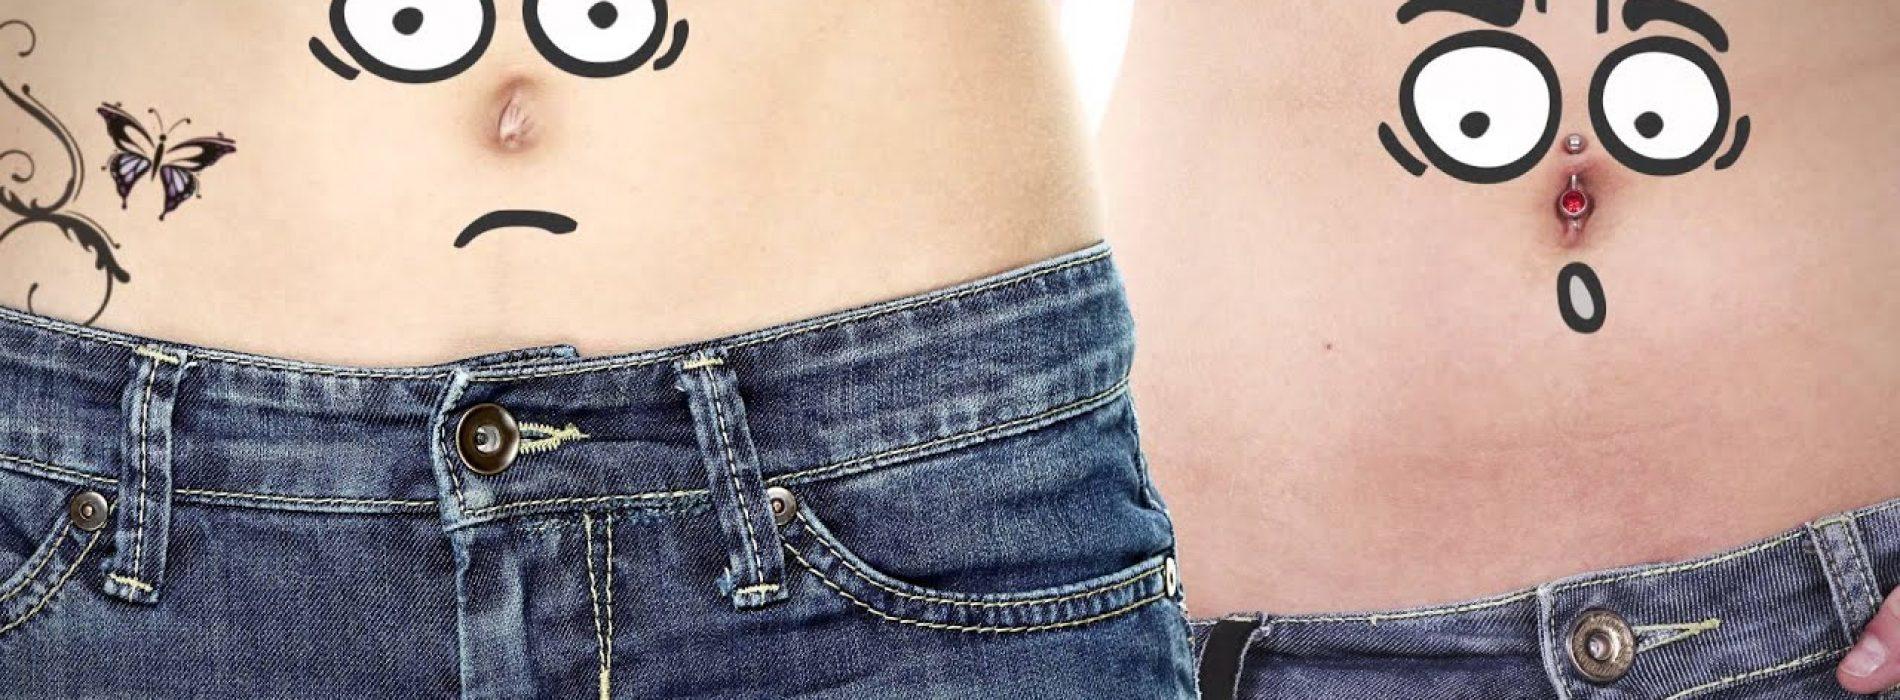 6 tekenen dat uw darmgezondheid in gevaar is, vooral bij kinderen